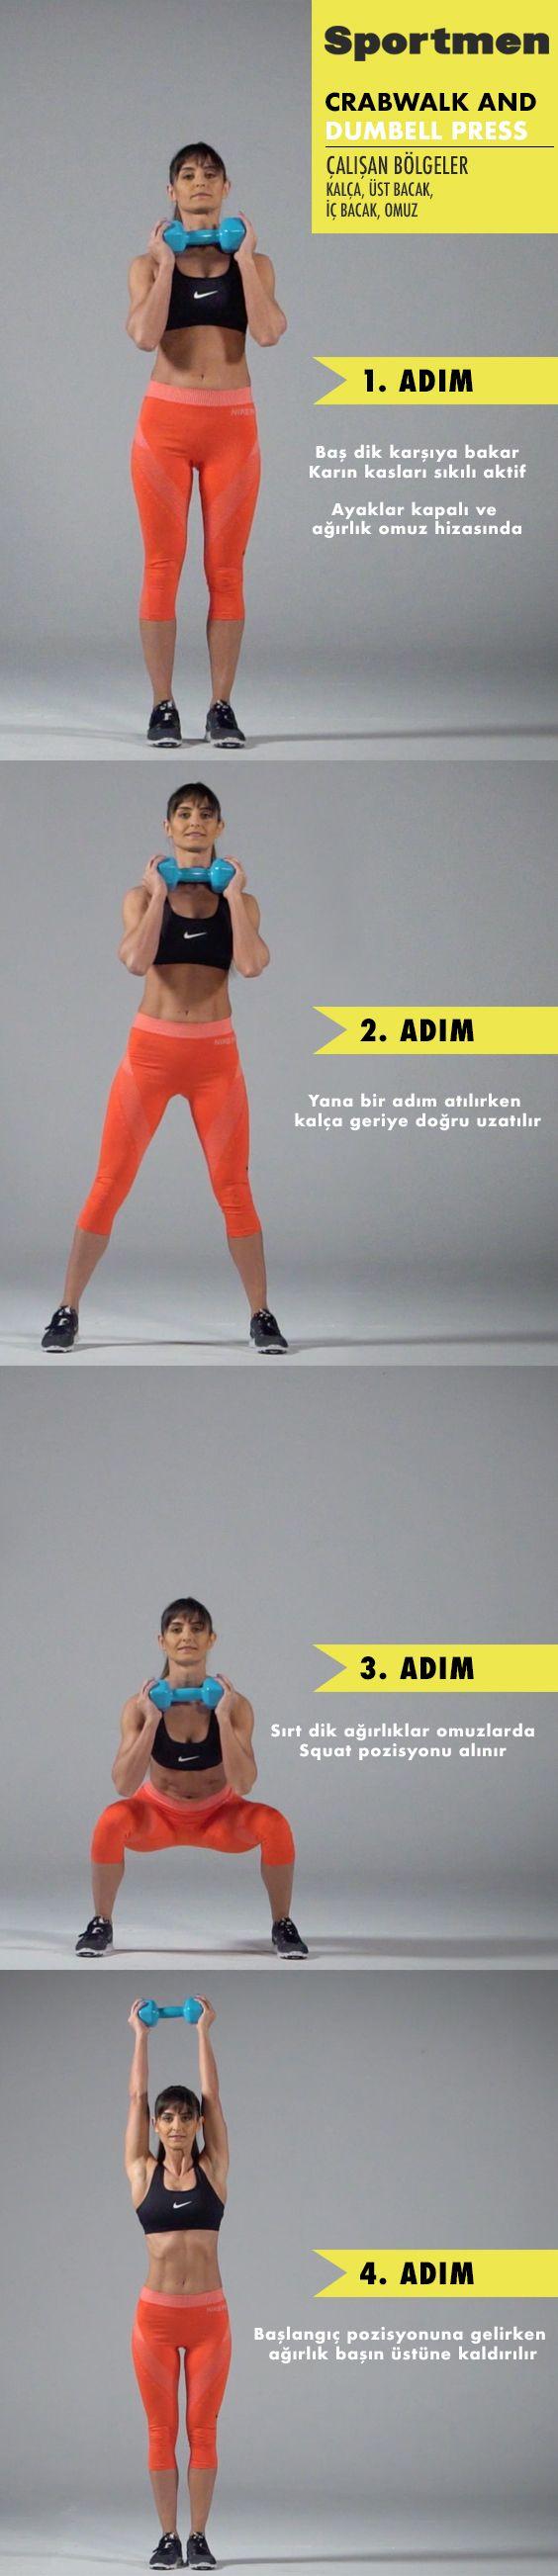 Kalça, üst bacak, iç bacak ve omuz kaslarını çalıştıran Crabwalk And Dumbell Press egzersizi nasıl yapılır? #fitness #egzersiz #workout #sportmen